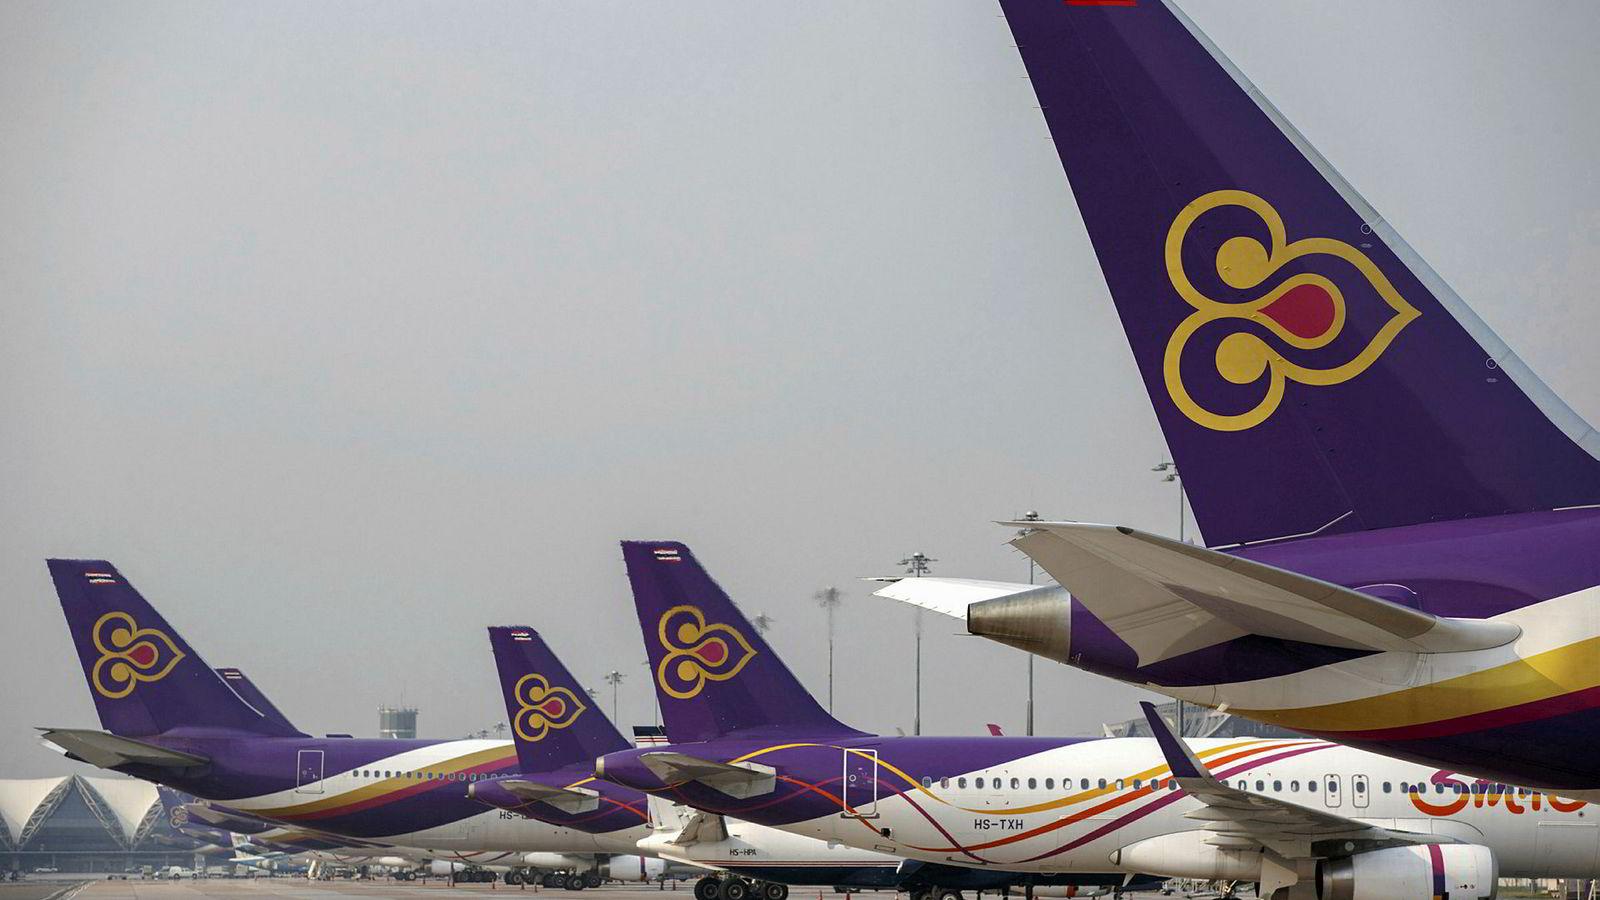 Thai Airways har innstilt alle flyvninger til og fra Europa på grunn av en eskalering i konflikten mellom Pakistan og India. Det er store forsinkelser og kaos ved hovedflyplassen i Bangkok. Flyvninger til og fra Oslo ble innstilt onsdag.